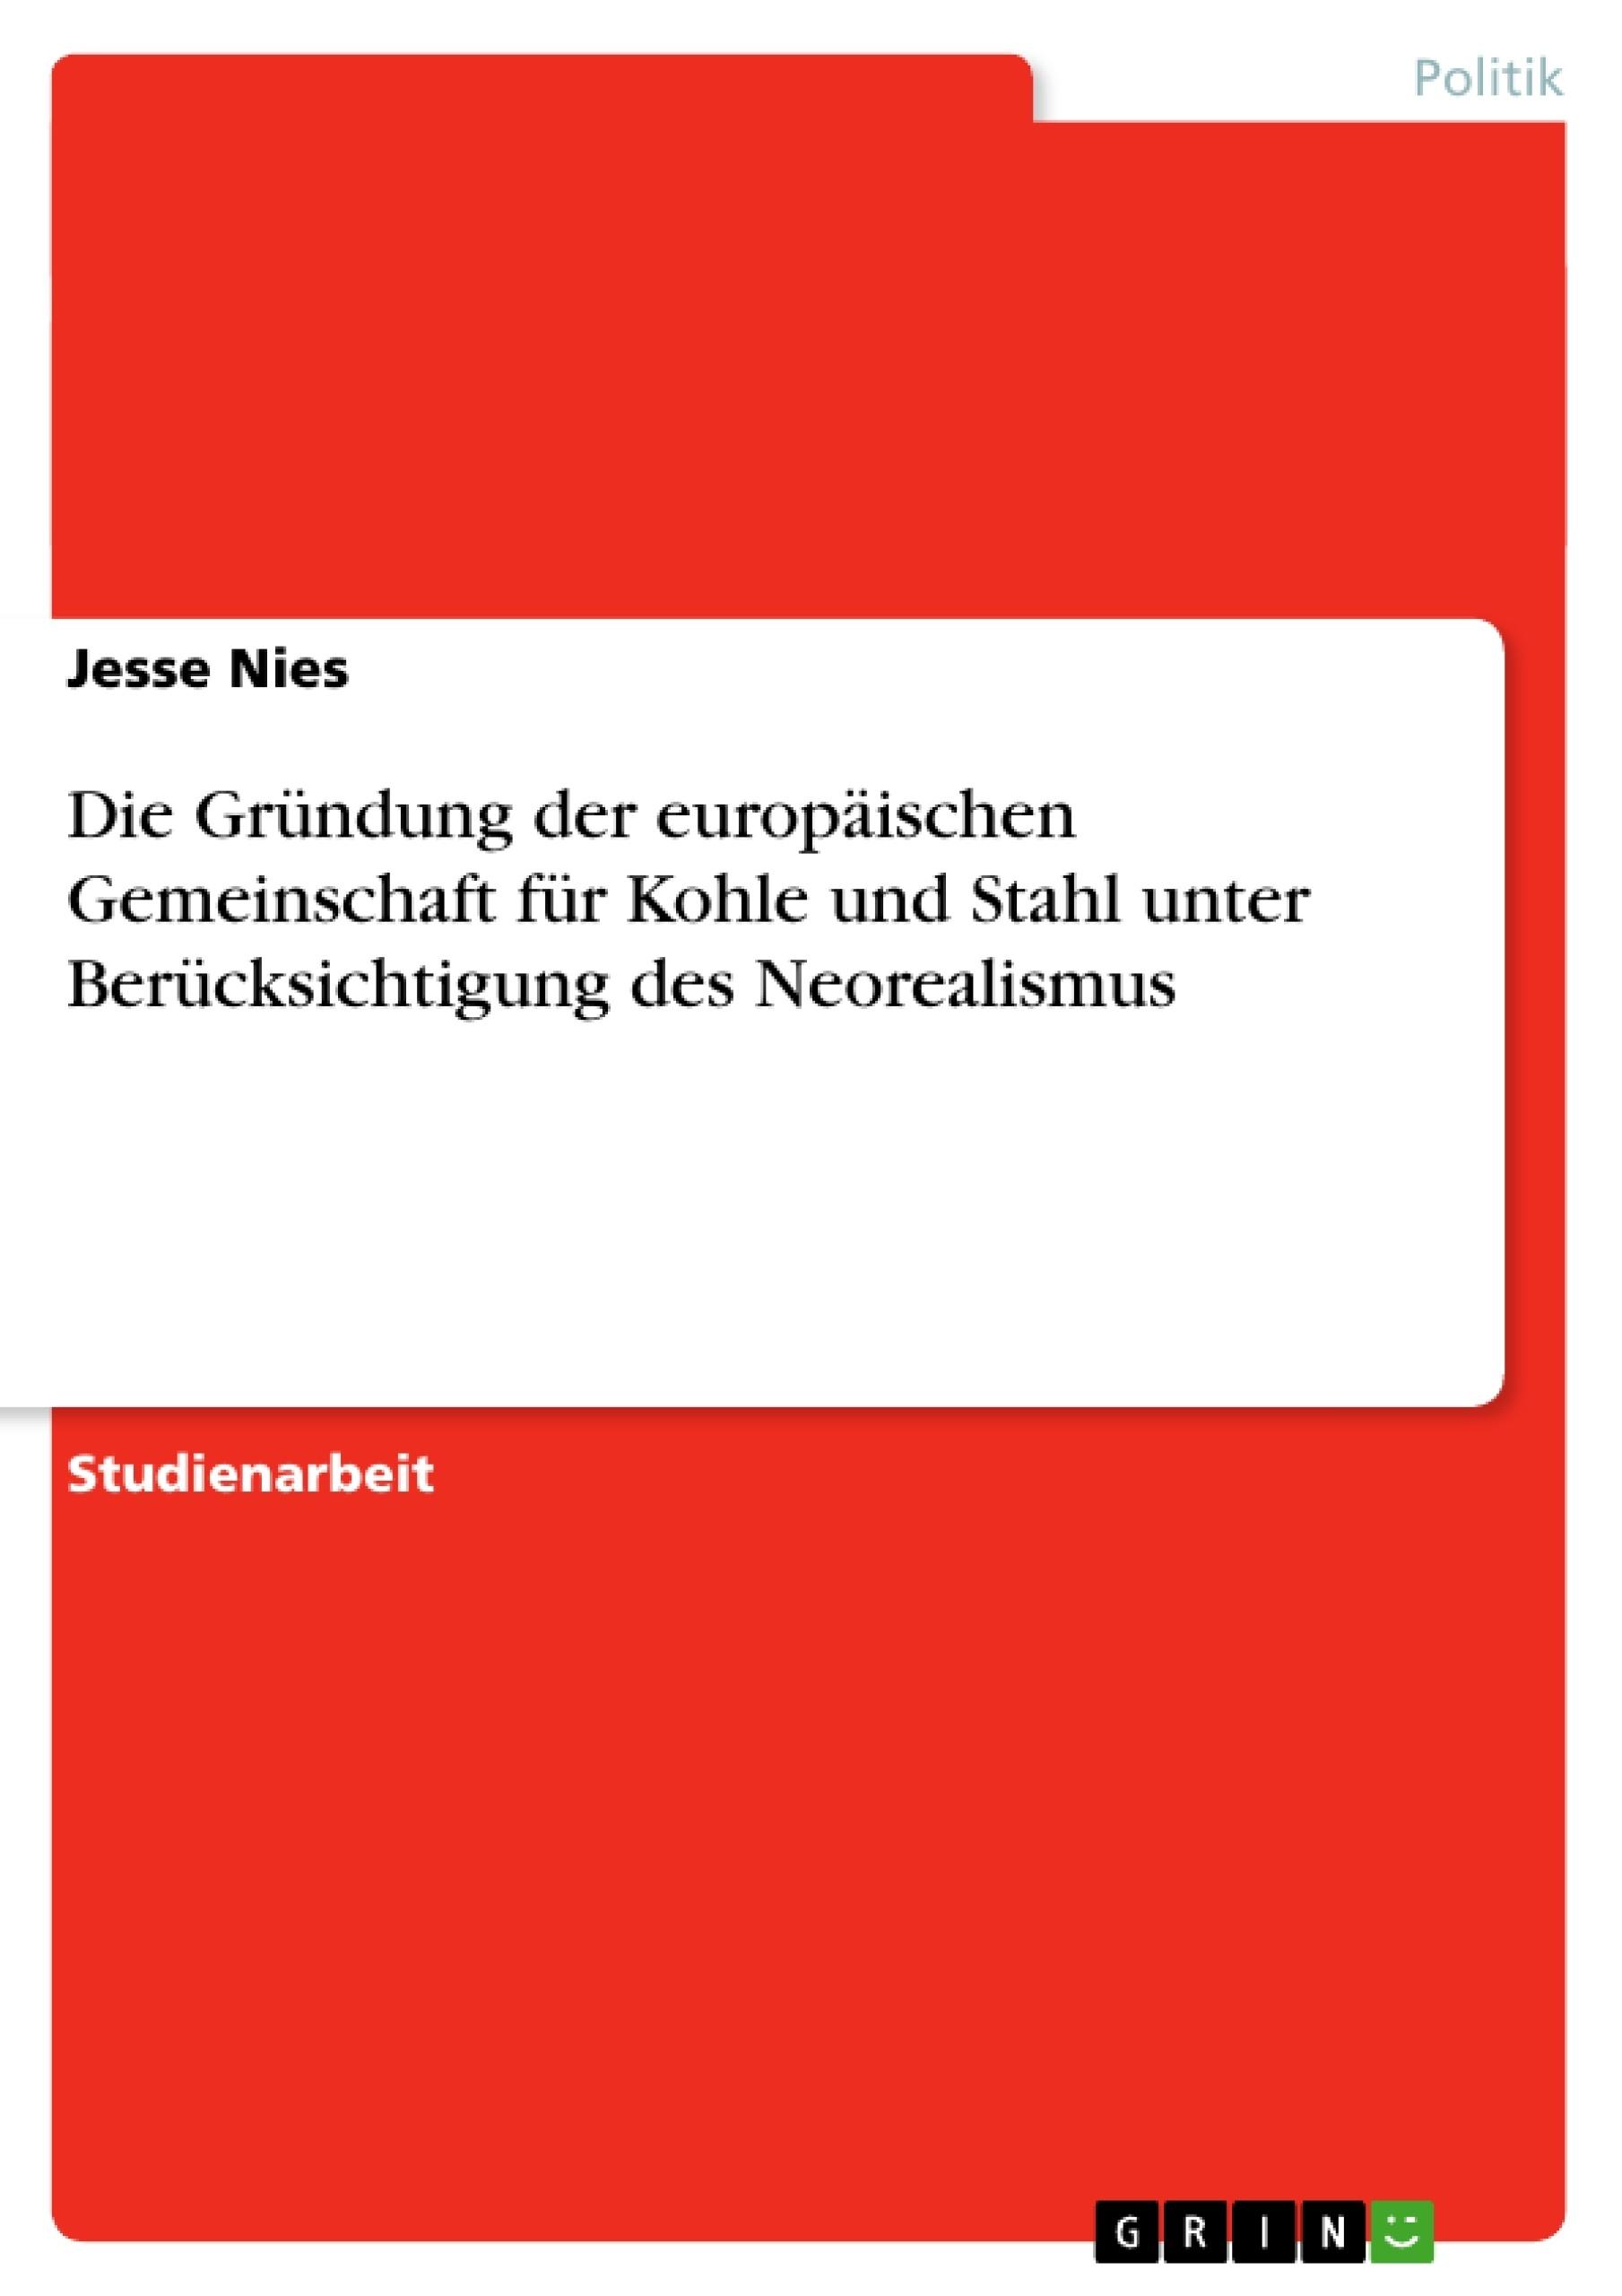 Titel: Die Gründung der europäischen Gemeinschaft für Kohle und Stahl unter Berücksichtigung des Neorealismus